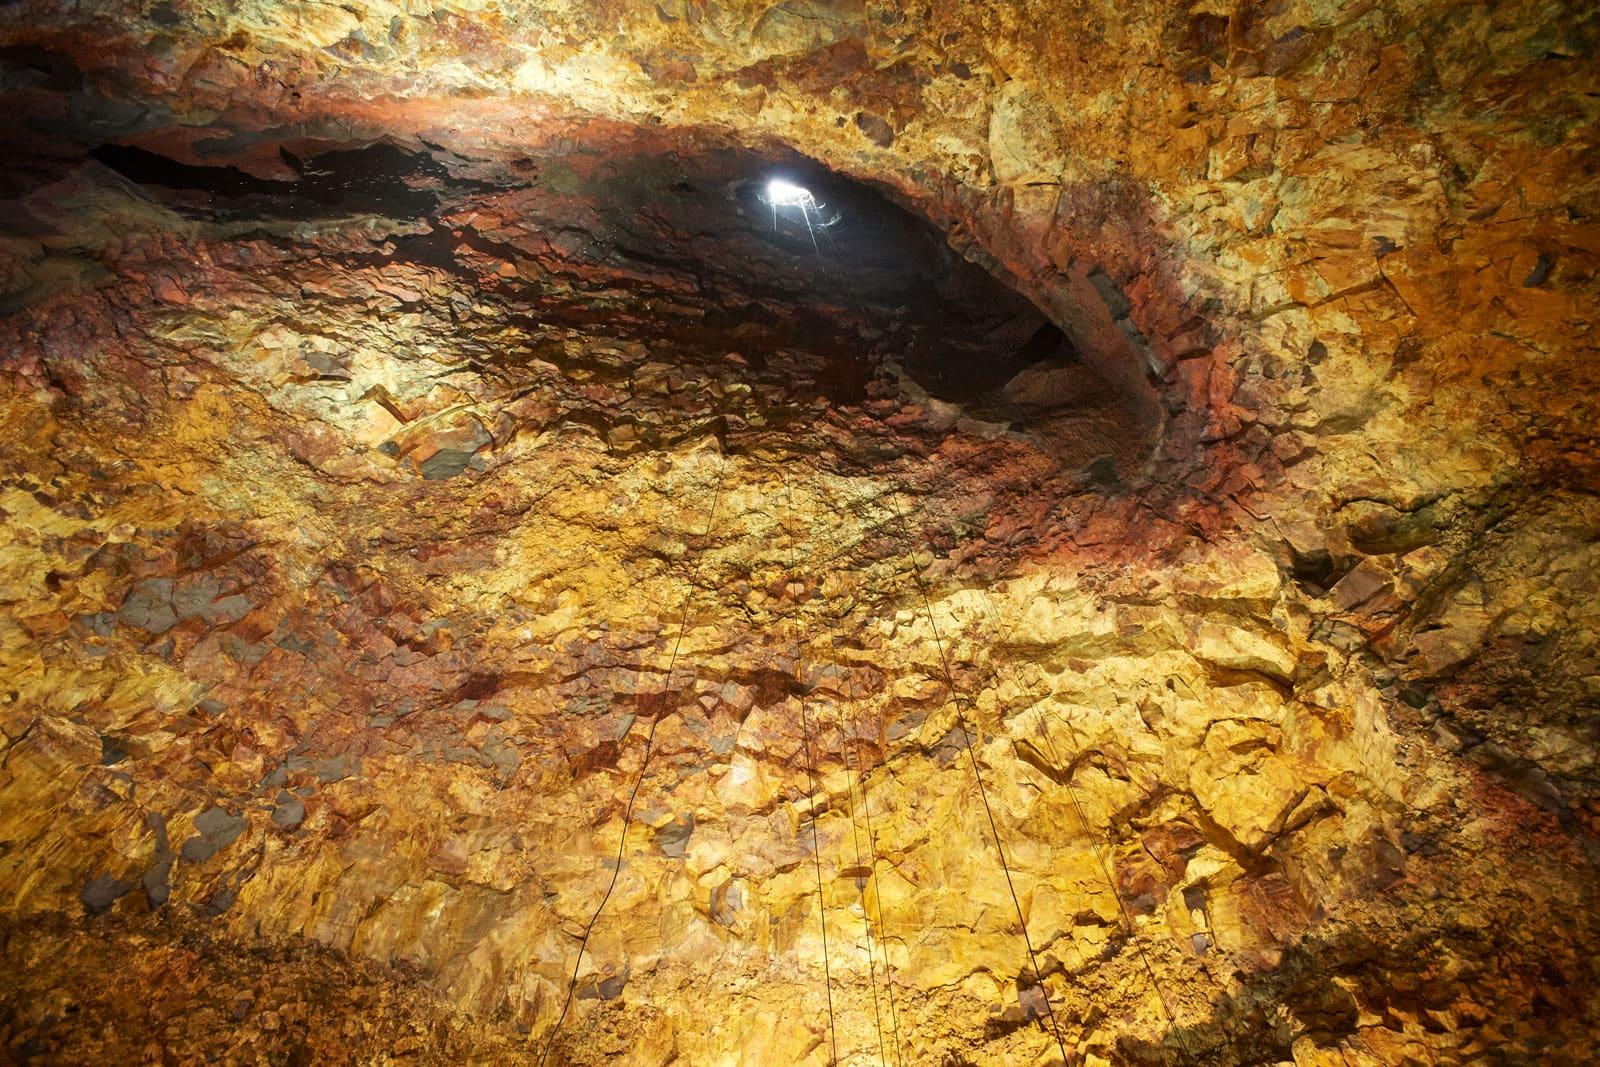 Blick aus dem Inneren eines Vulkans in Richtung Ausstoß